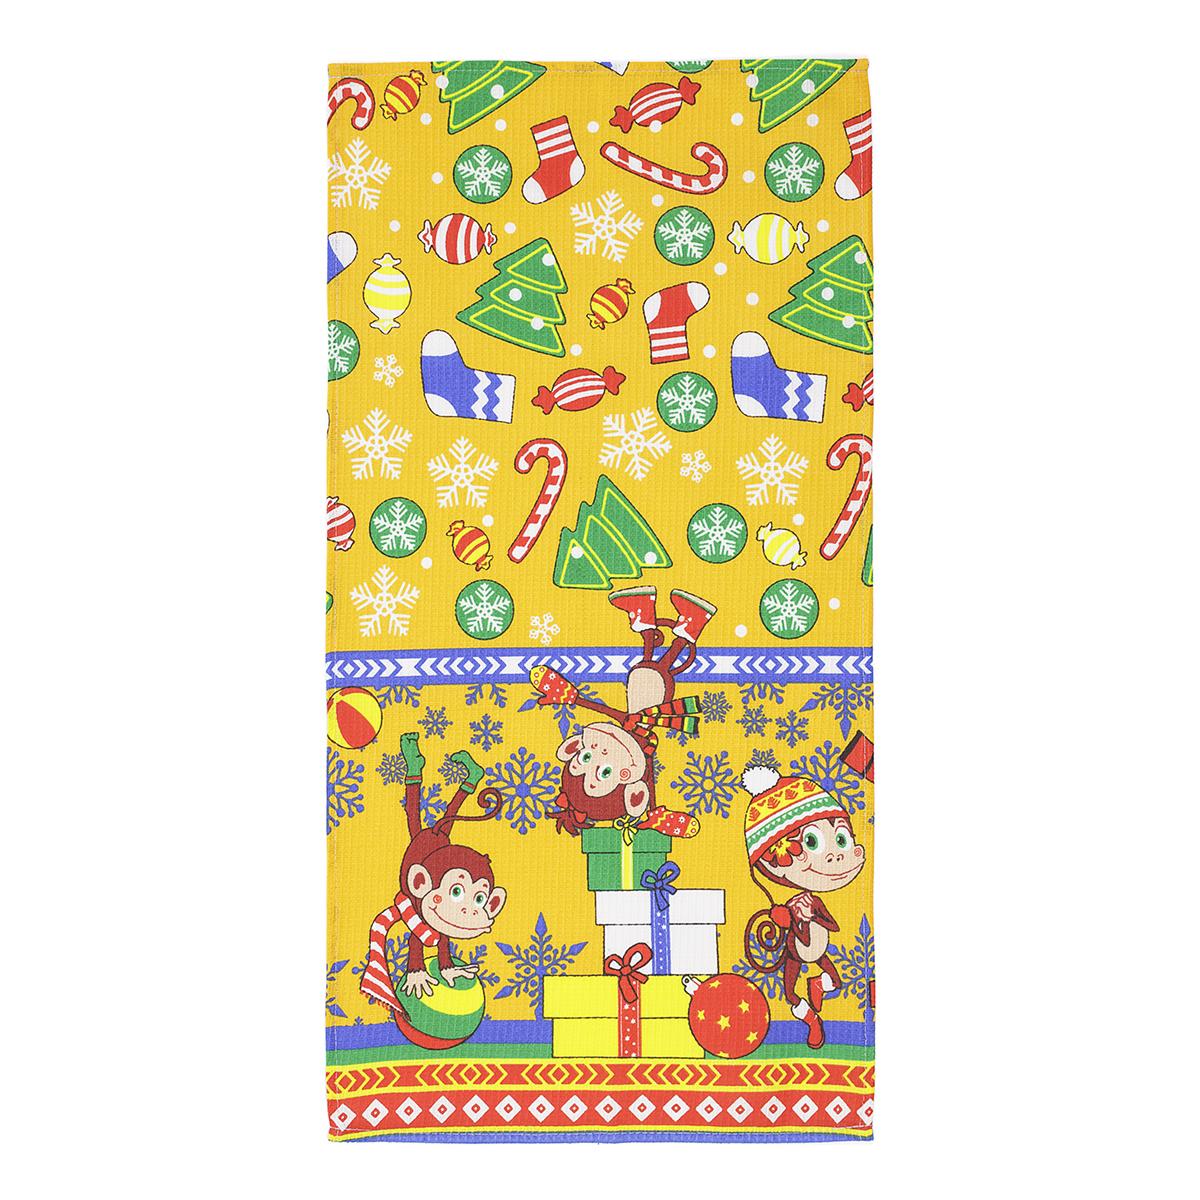 Вафельное полотенце Веселые обезьянки , размер 35х70 смВафельные полотенца<br><br><br>Тип: Вафельное полотенце<br>Размер: 35х70<br>Материал: Вафельное полотно